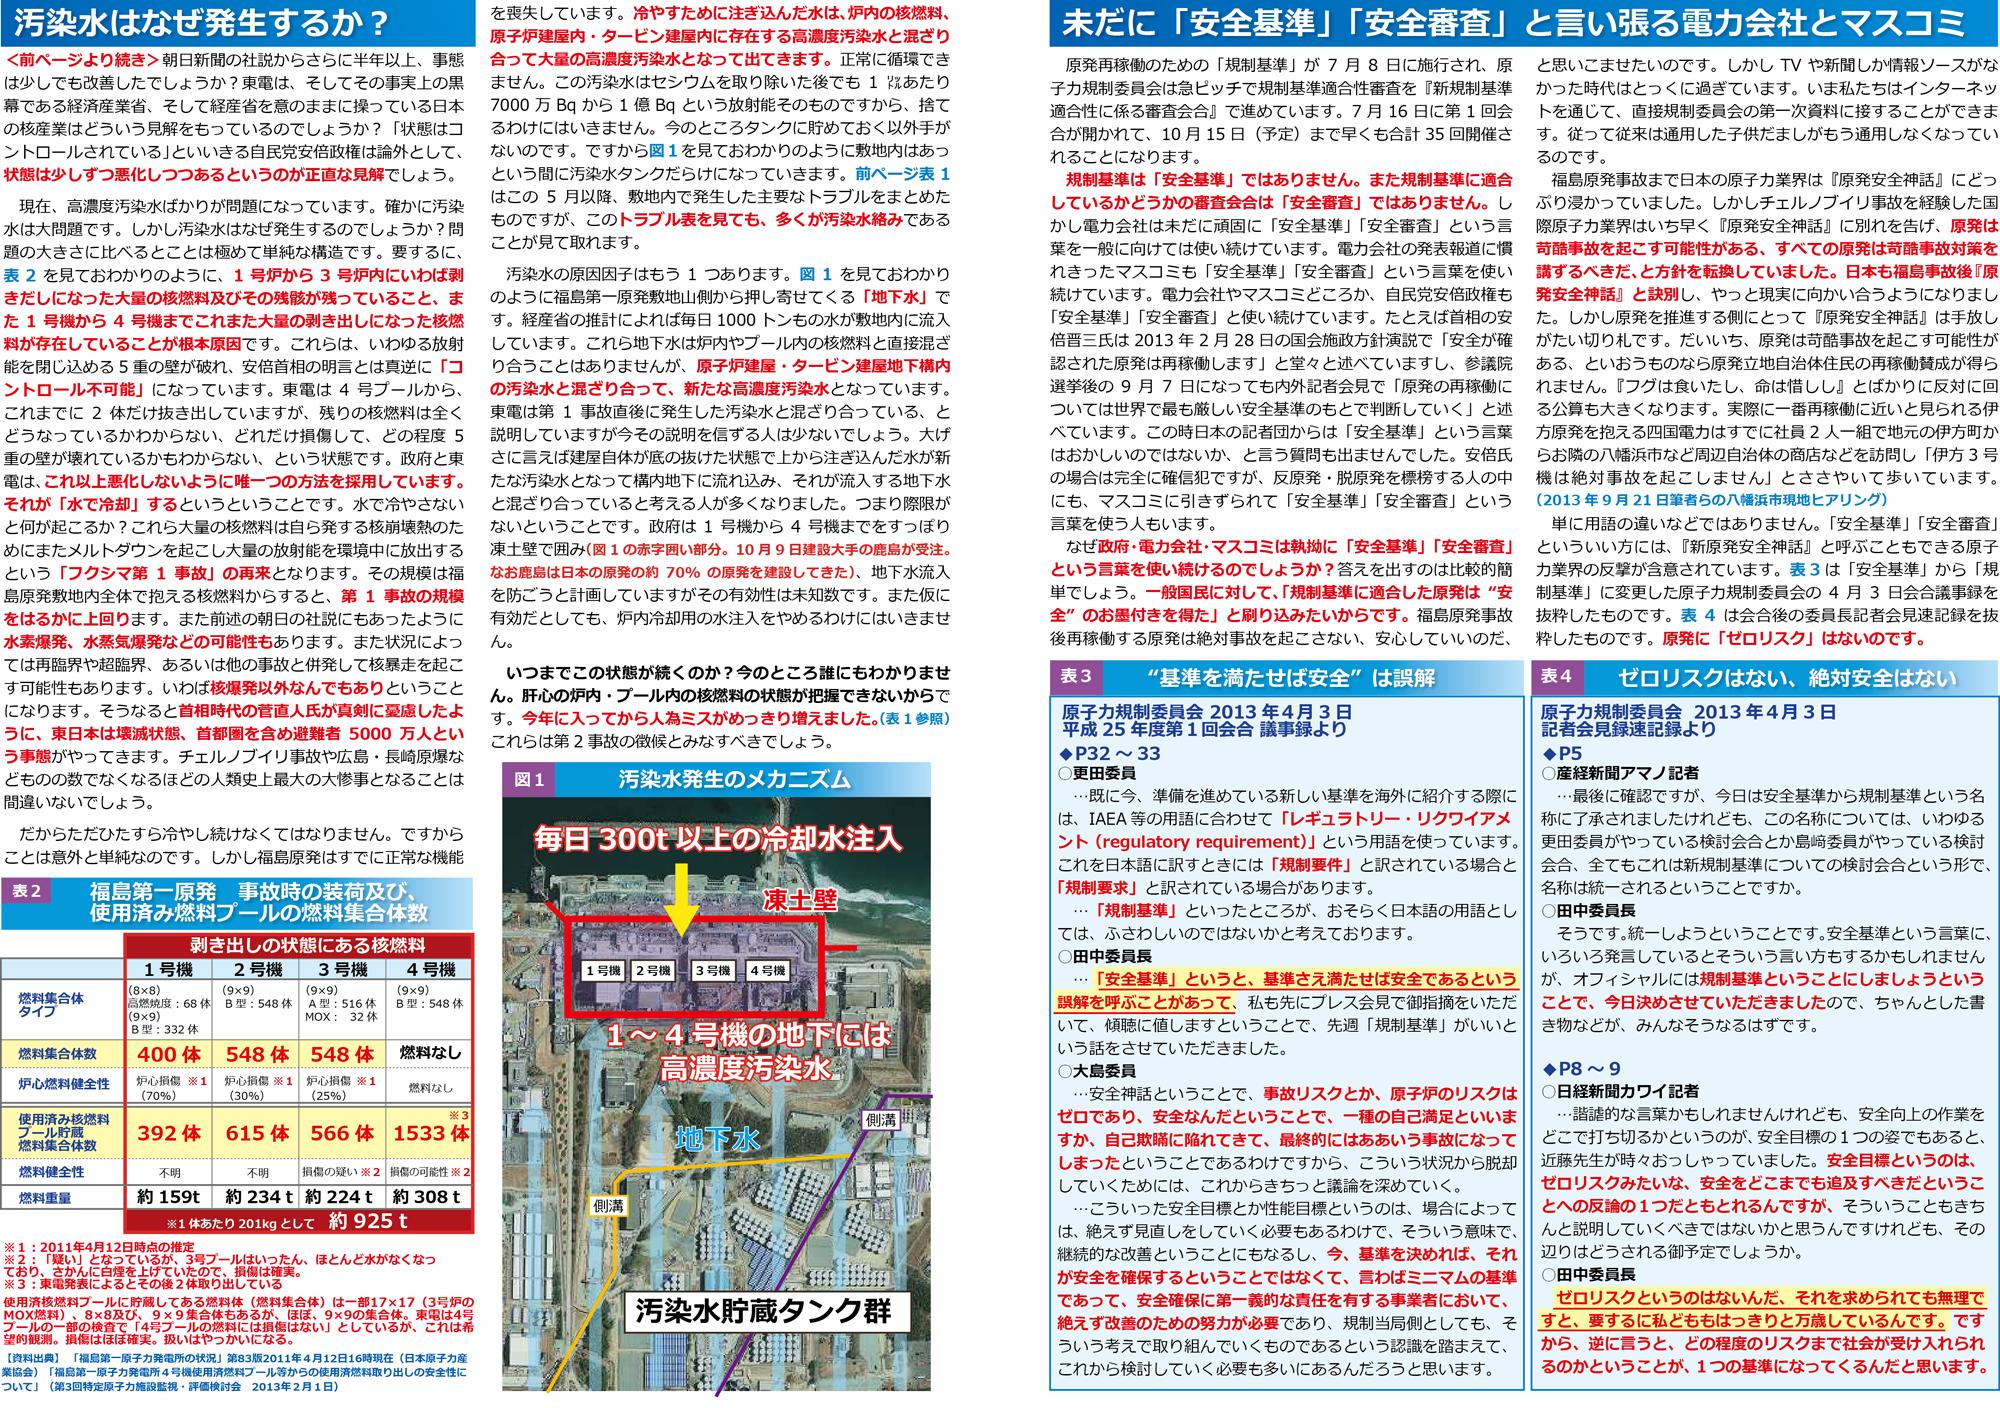 ファイル 209-2.jpg